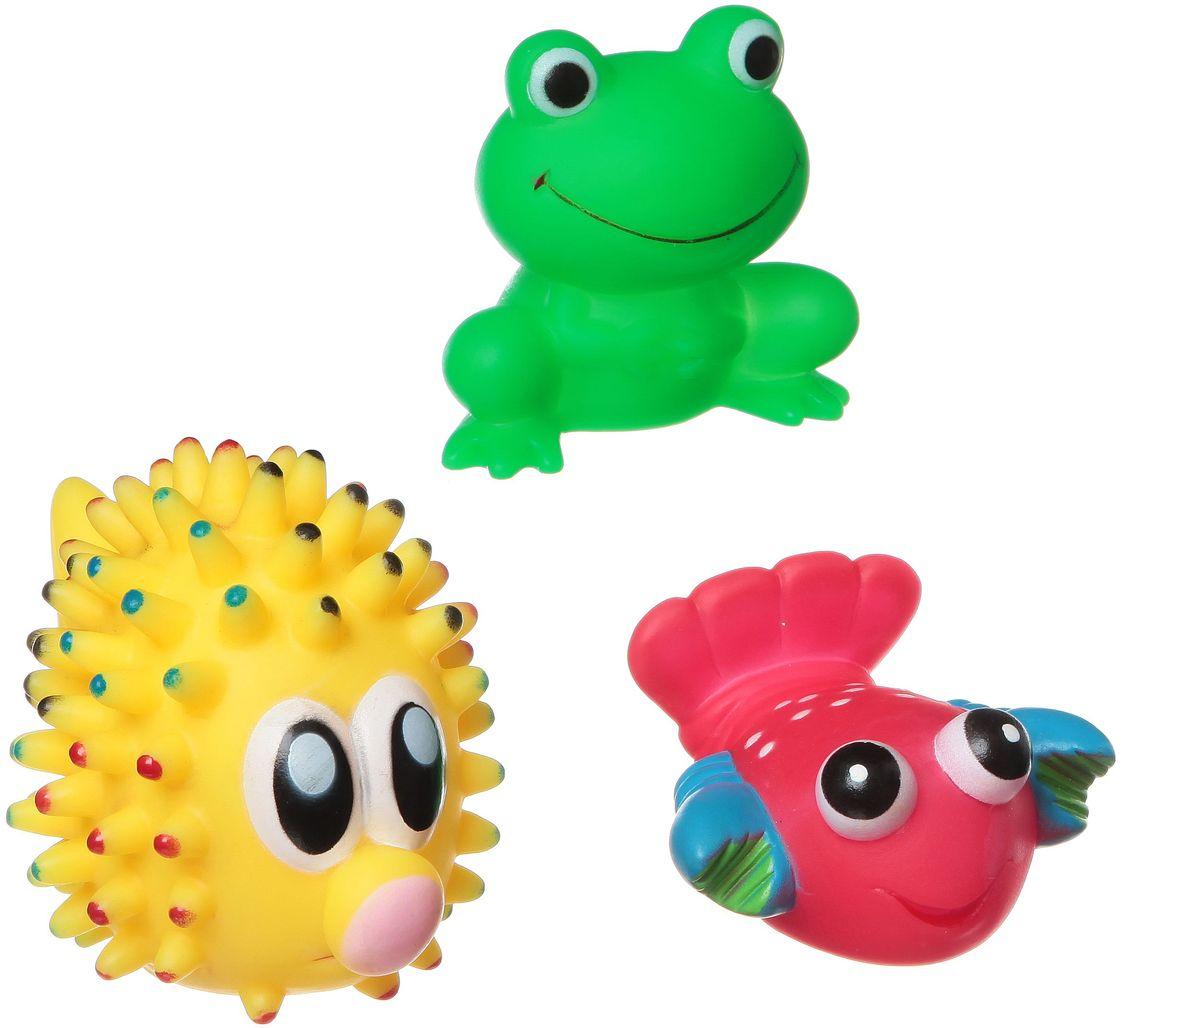 Bondibon Набор для купания Рак, Лягушка, Морской ежВВ1392Набор для купания Рак, Лягушка, Морской еж от Bondibon - это отличная развивающая игрушка, сделанная из качественных и безопасных материалов. Детям понравится играть с ними! Купание с такой игрушкой превратится в праздник!